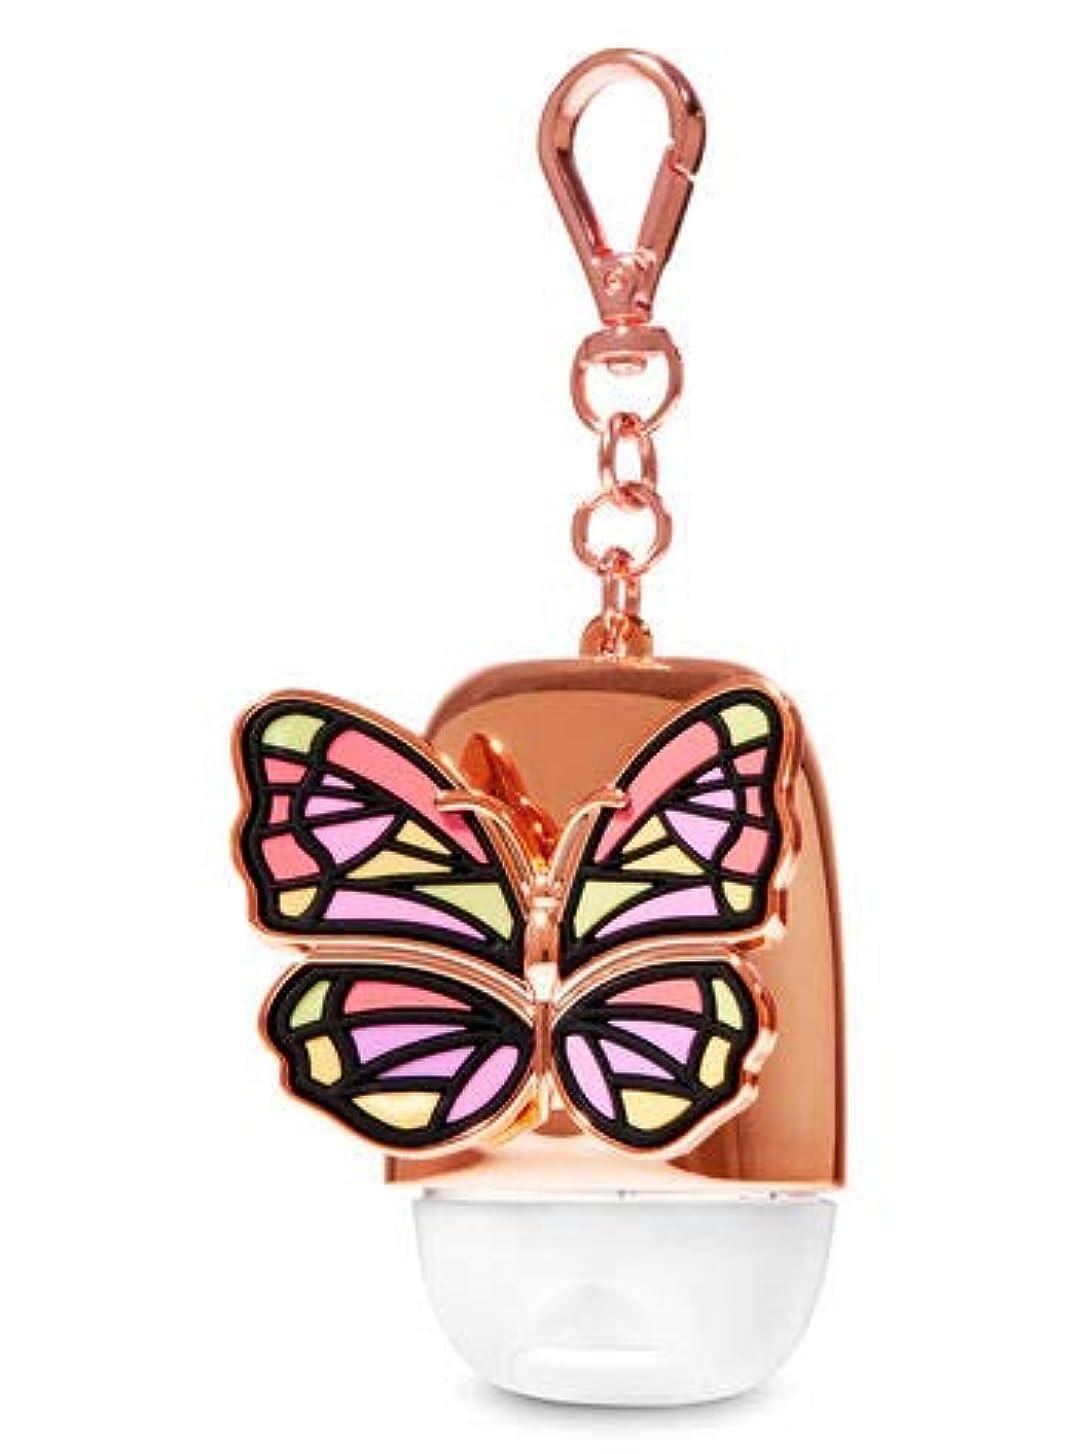 脅かす家具用語集【Bath&Body Works/バス&ボディワークス】 抗菌ハンドジェルホルダー ローズゴールドバタフライ Pocketbac Holder Rose Gold Butterfly [並行輸入品]